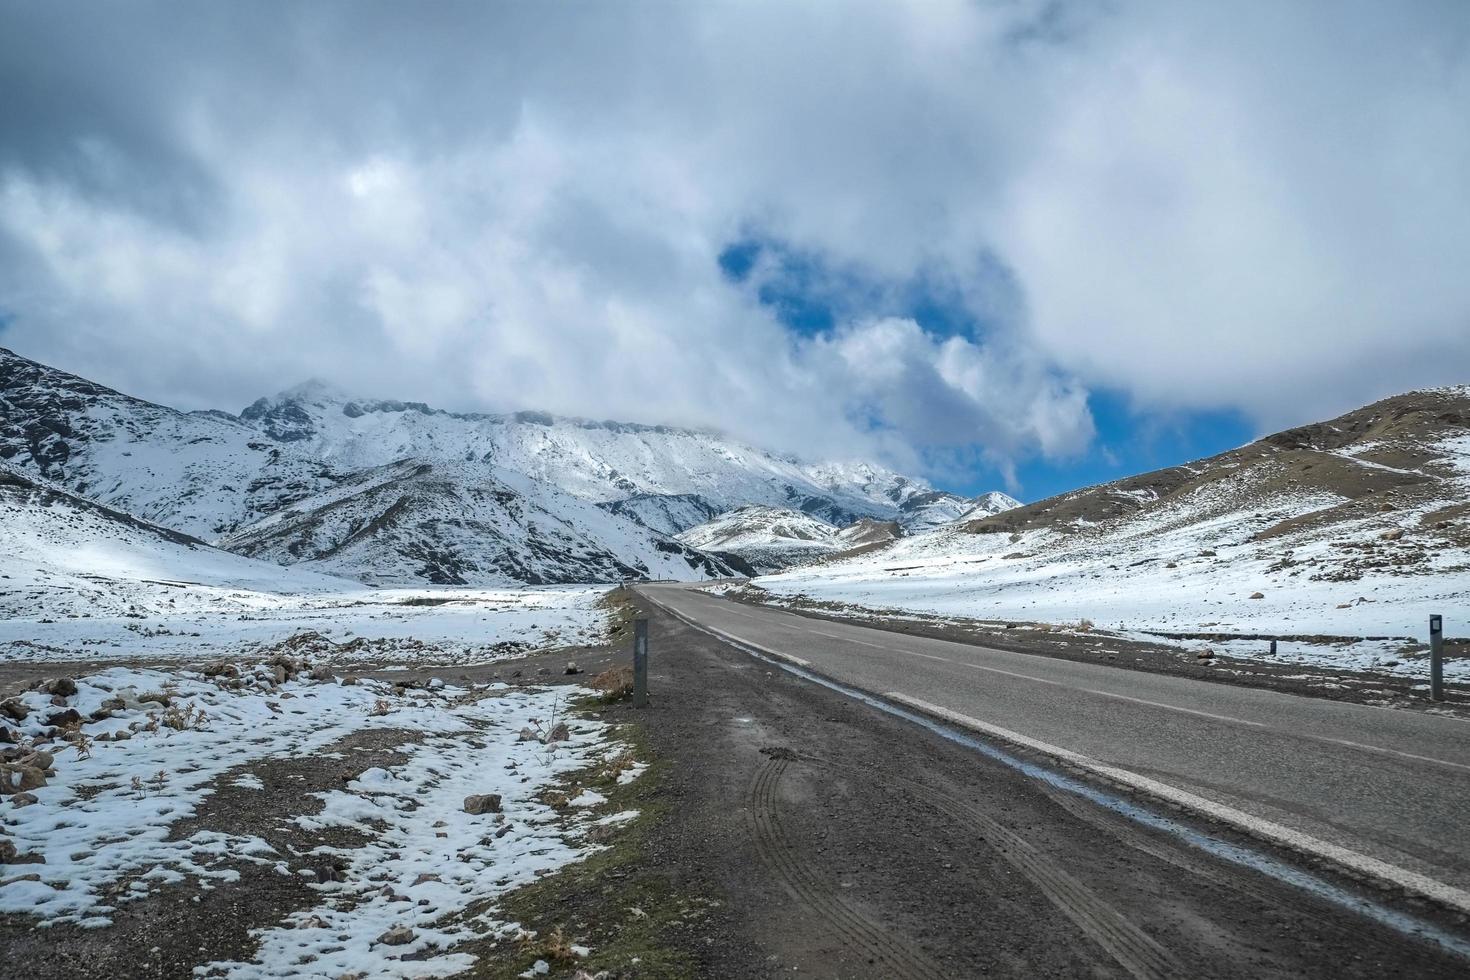 een weg te midden van met sneeuw bedekte bergketen foto